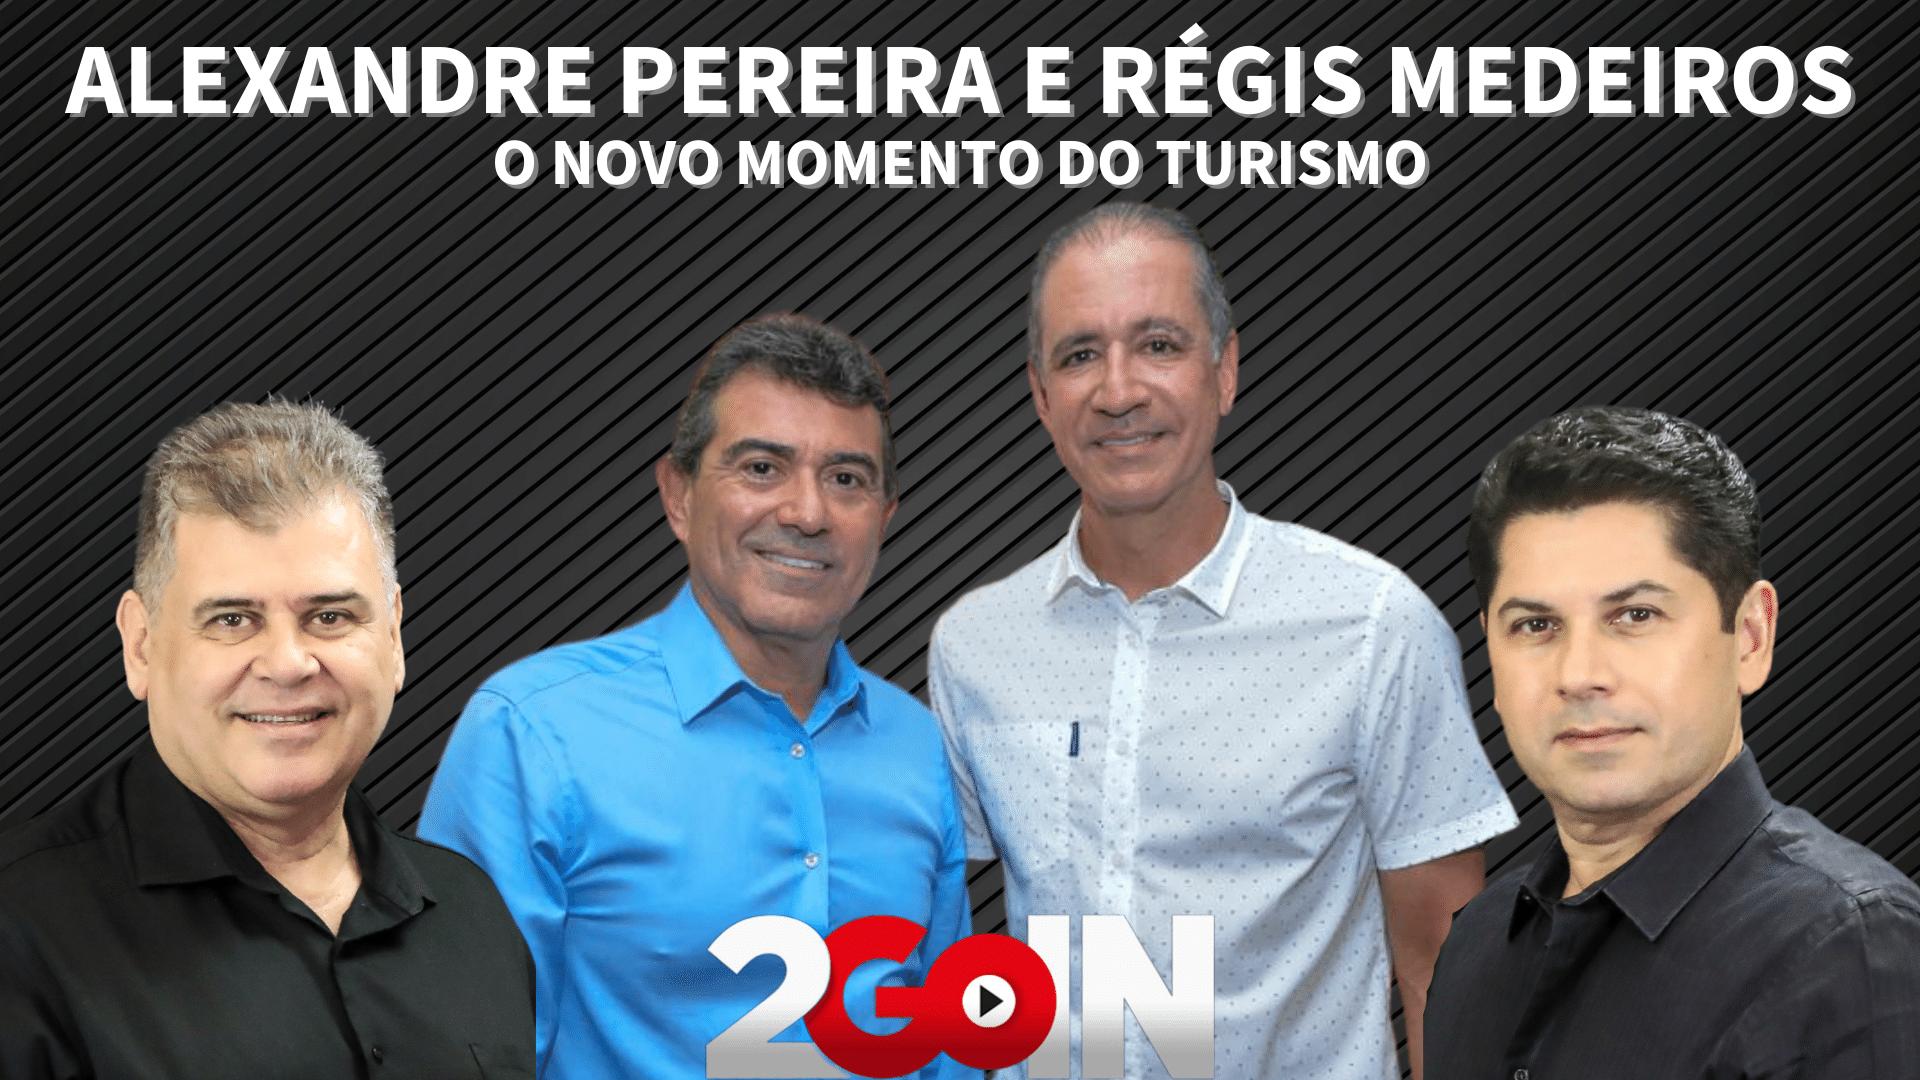 Alexandre Pereira e Régis Medeiros falam sobre os desafios do Turismo